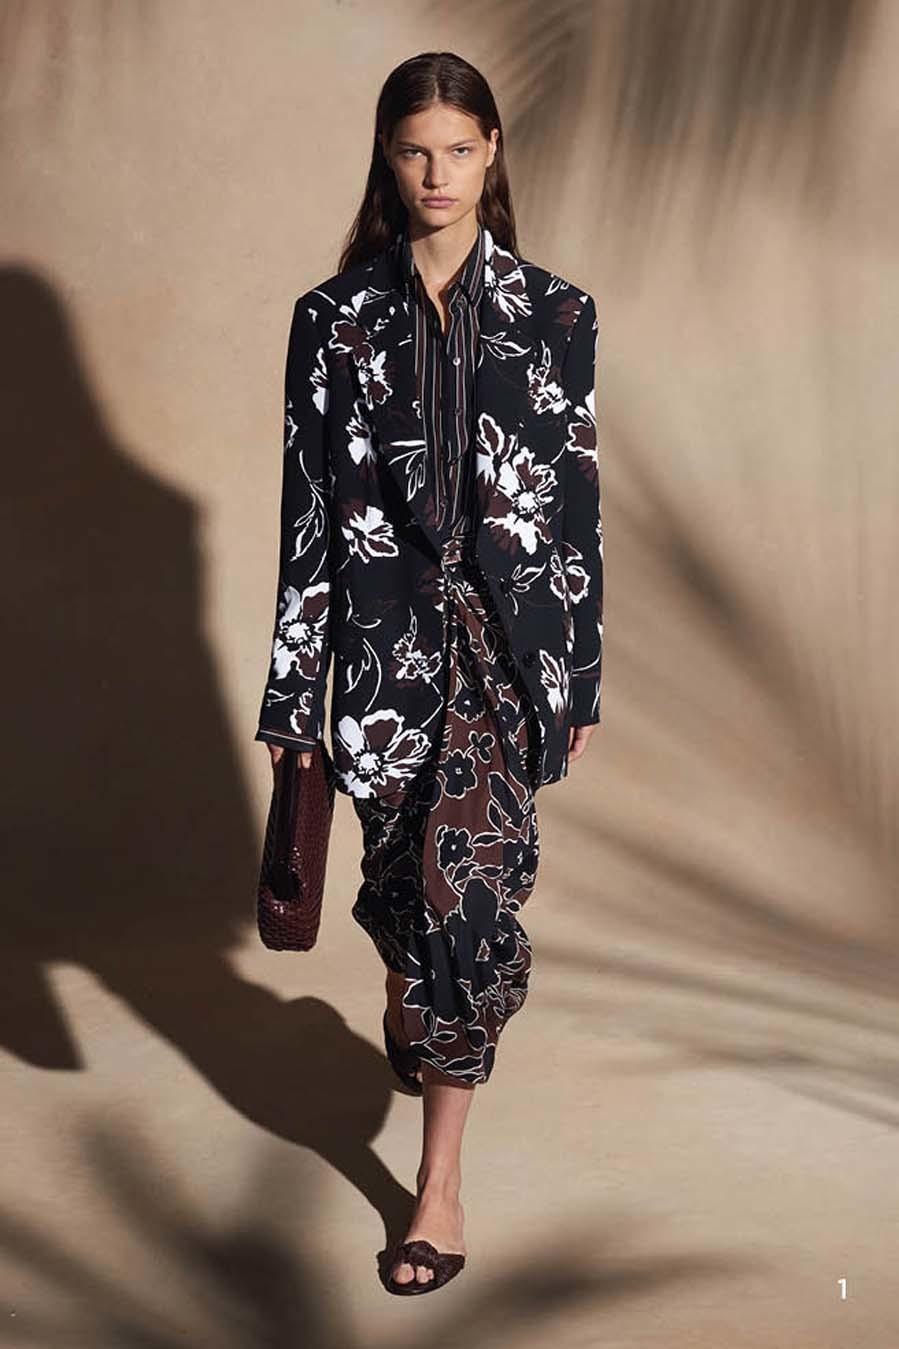 Michael Kors colección Crucero 2018, kimono negro con flores blancas